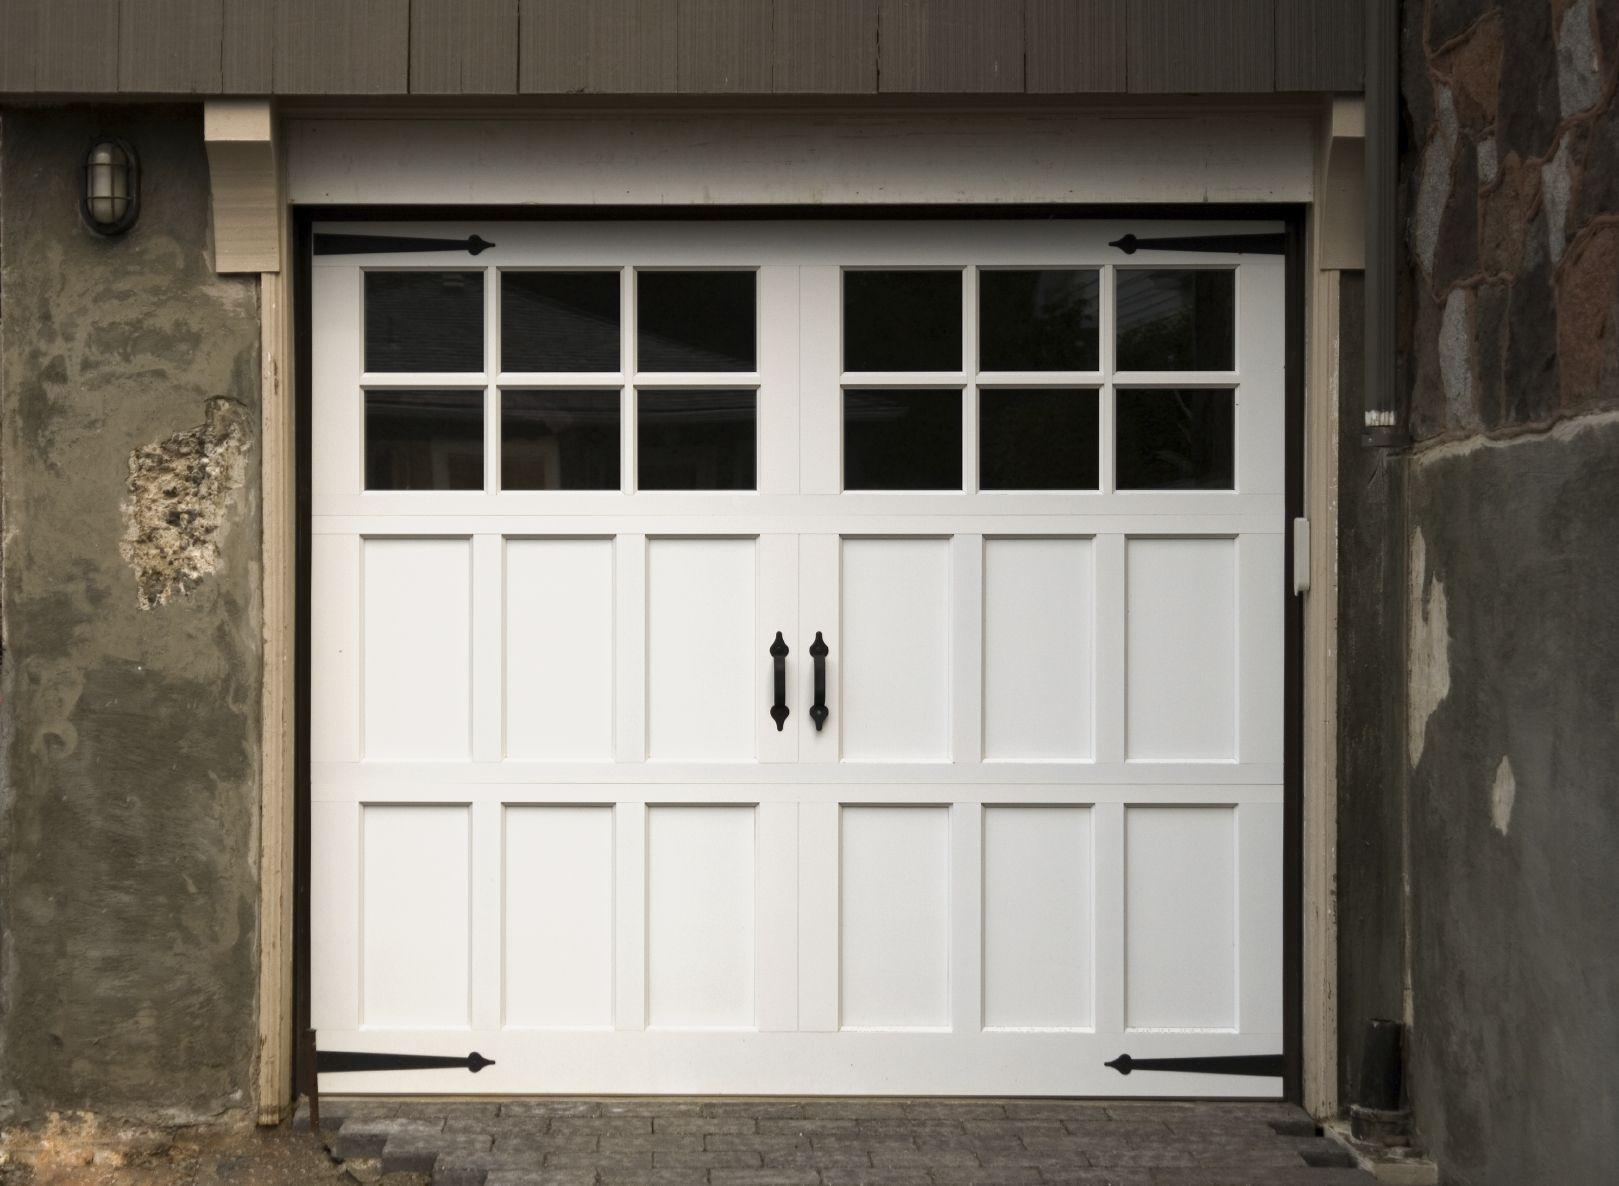 Carriage Style Garage Doors Carroll Garage Doors Carriage Style Garage Doors Garage Door Styles Garage Door Design